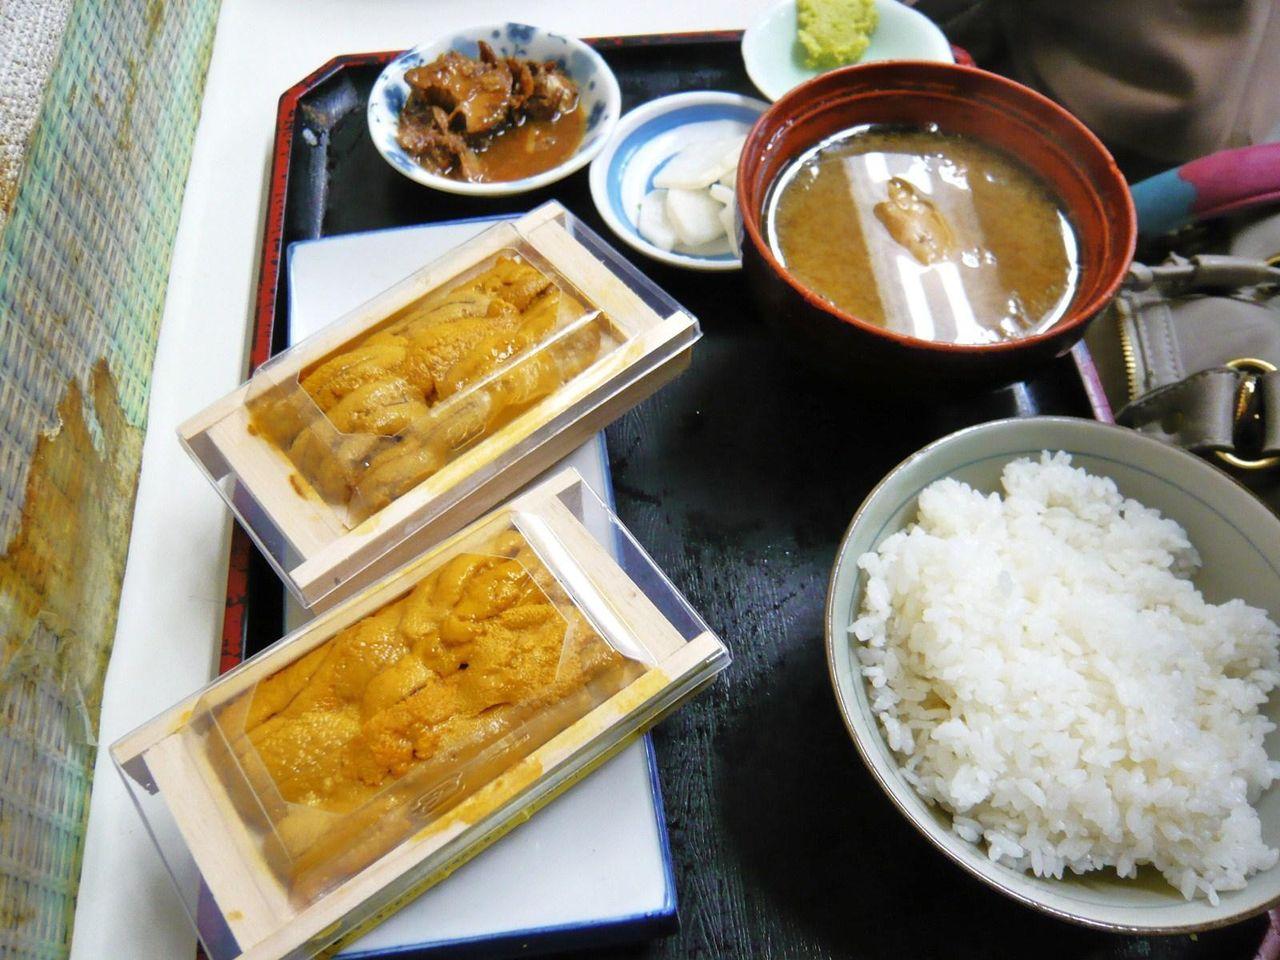 もみじやの箱ウニ定食(ウニ2箱付き)1,000円